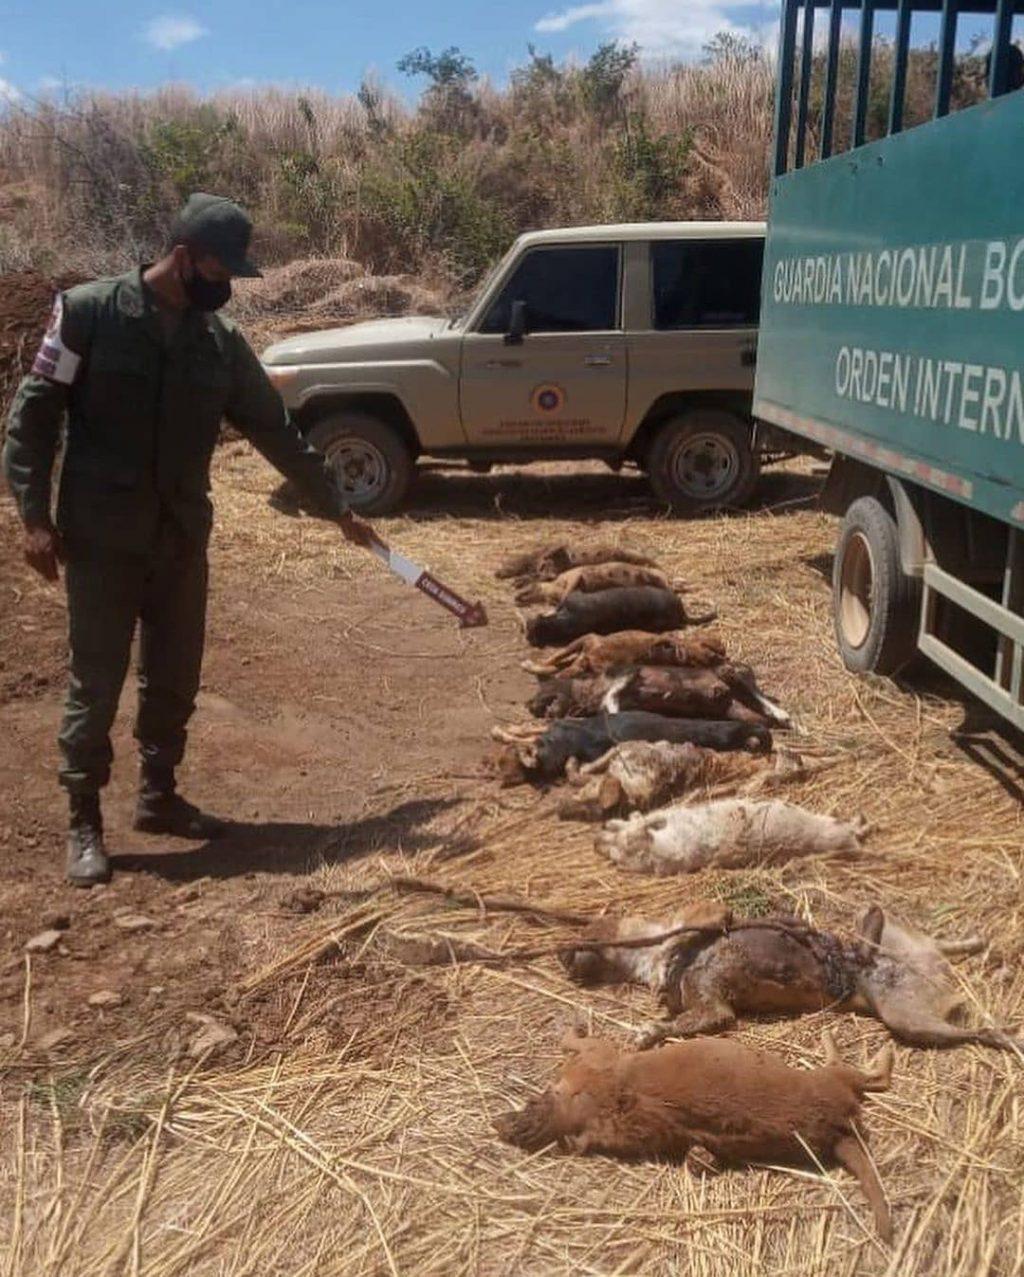 """Guárico: Detienen a 5 sujetos por el delito de envenenamiento """"masivo de mascotas""""(+video) - febrero 20, 2021 9:46 pm - NOTIGUARO - Nacionales"""